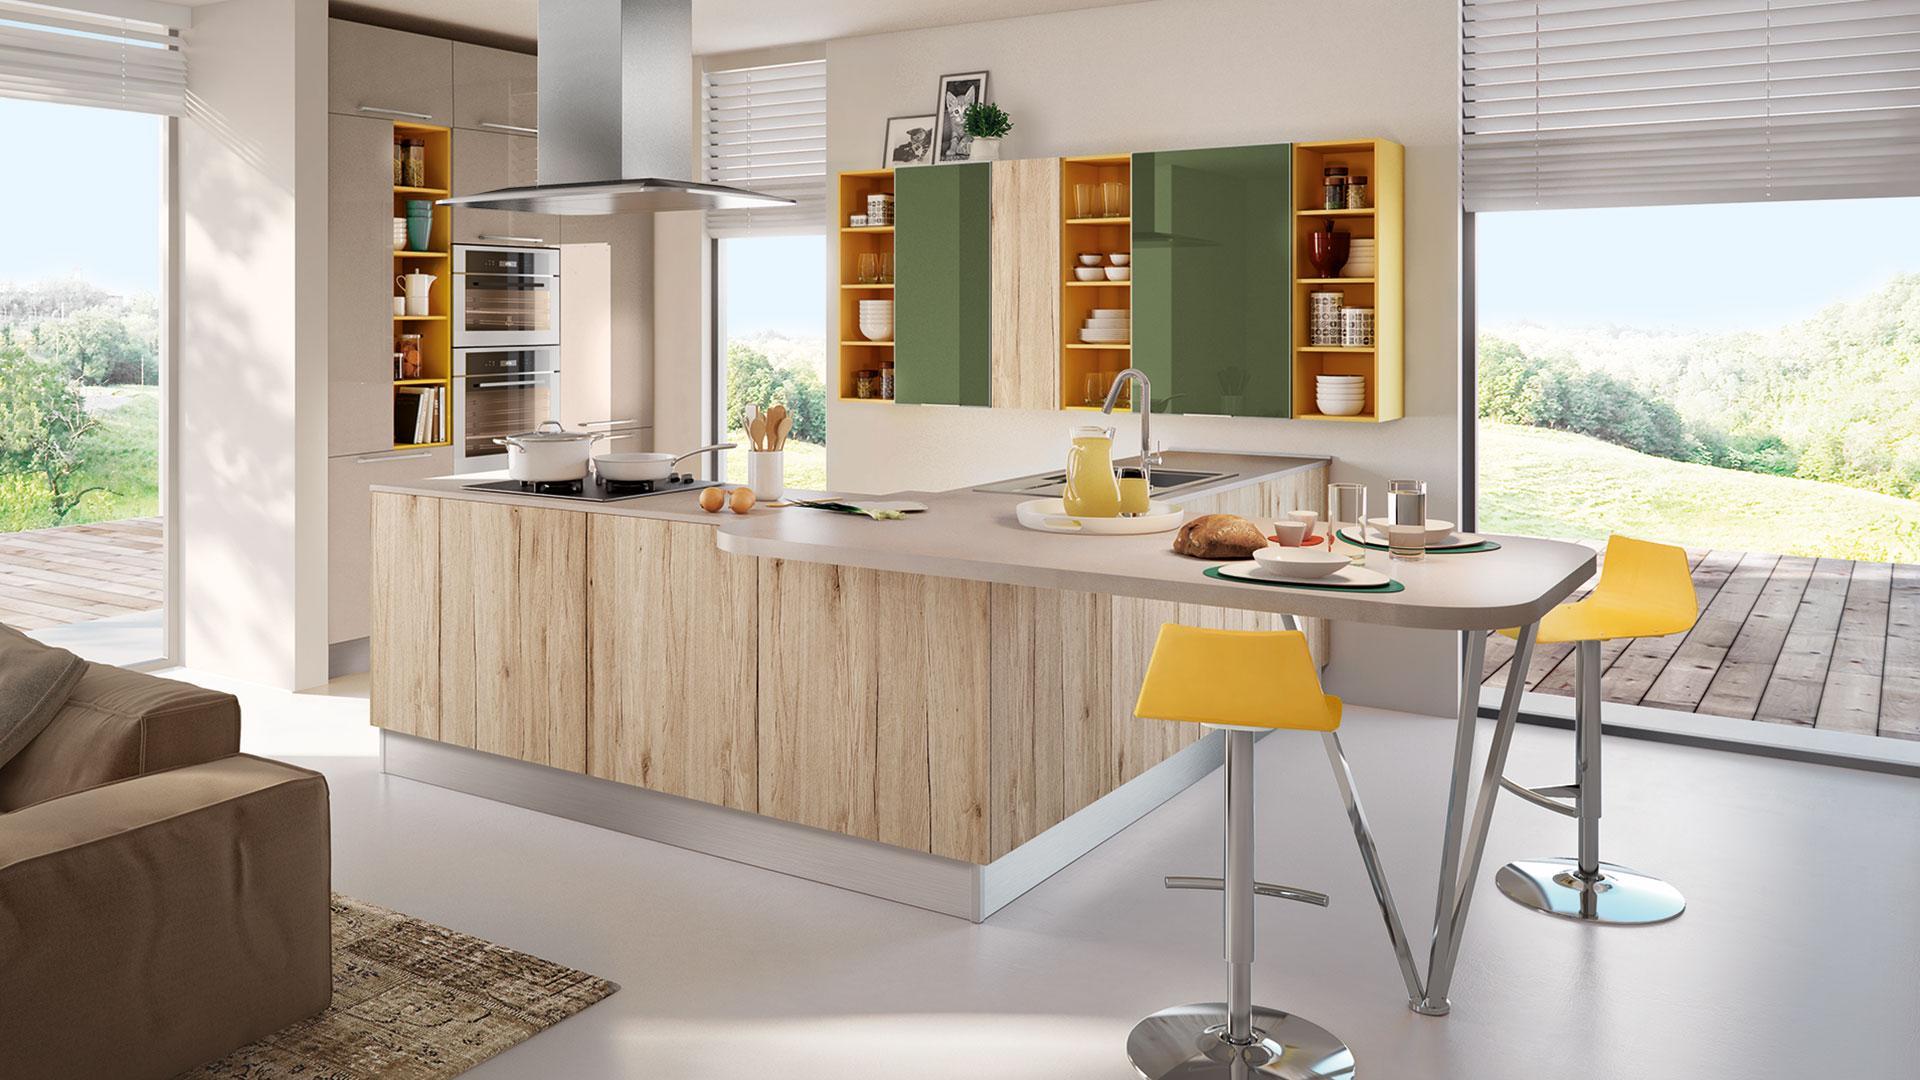 Le cucine bicolore la nuova tendenza per la casa lube - Cucine bicolore moderne ...